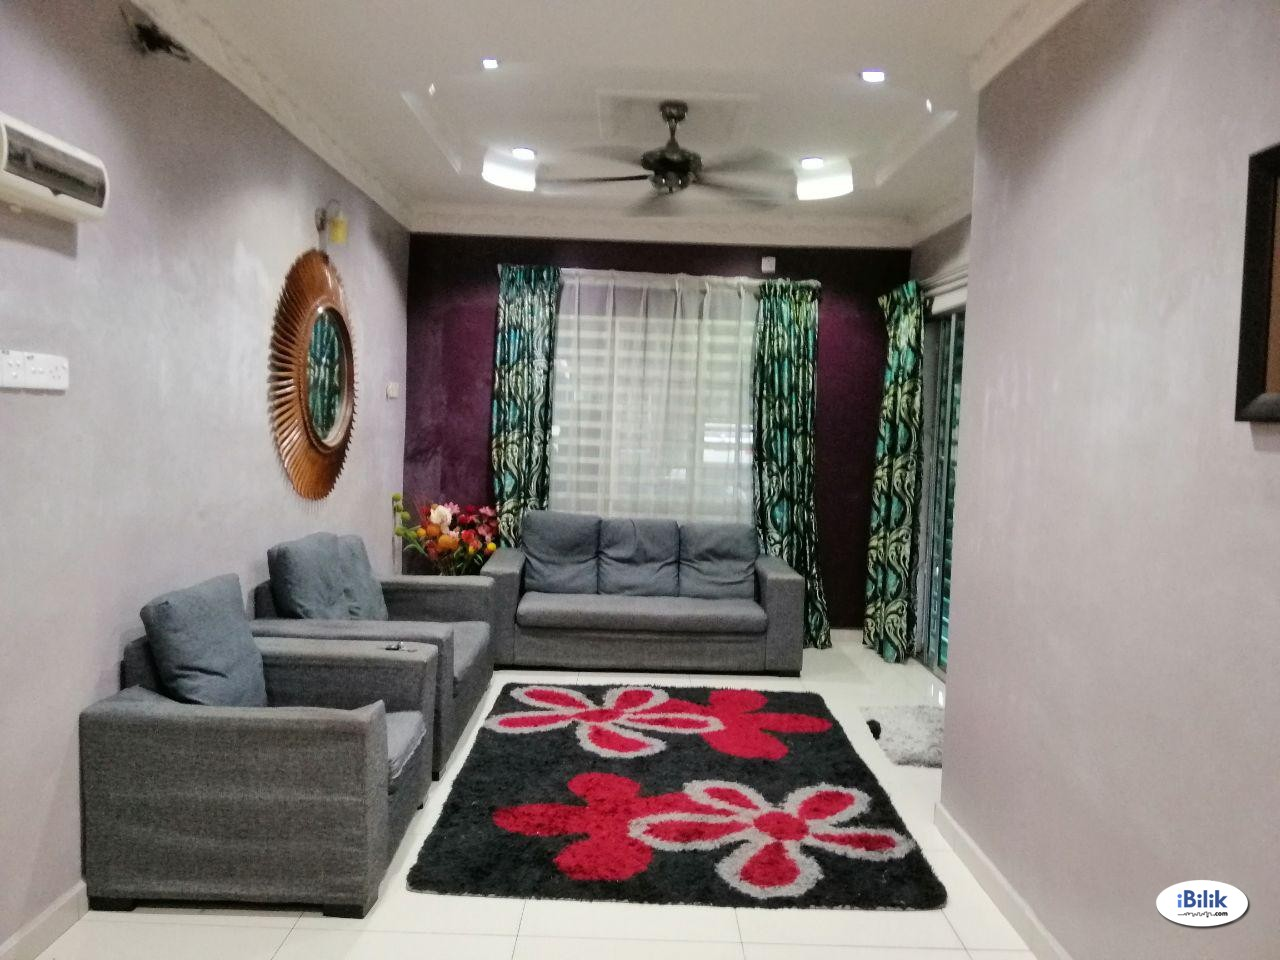 SHA EJA HOMESTAY Vacation House at Ipoh, Perak